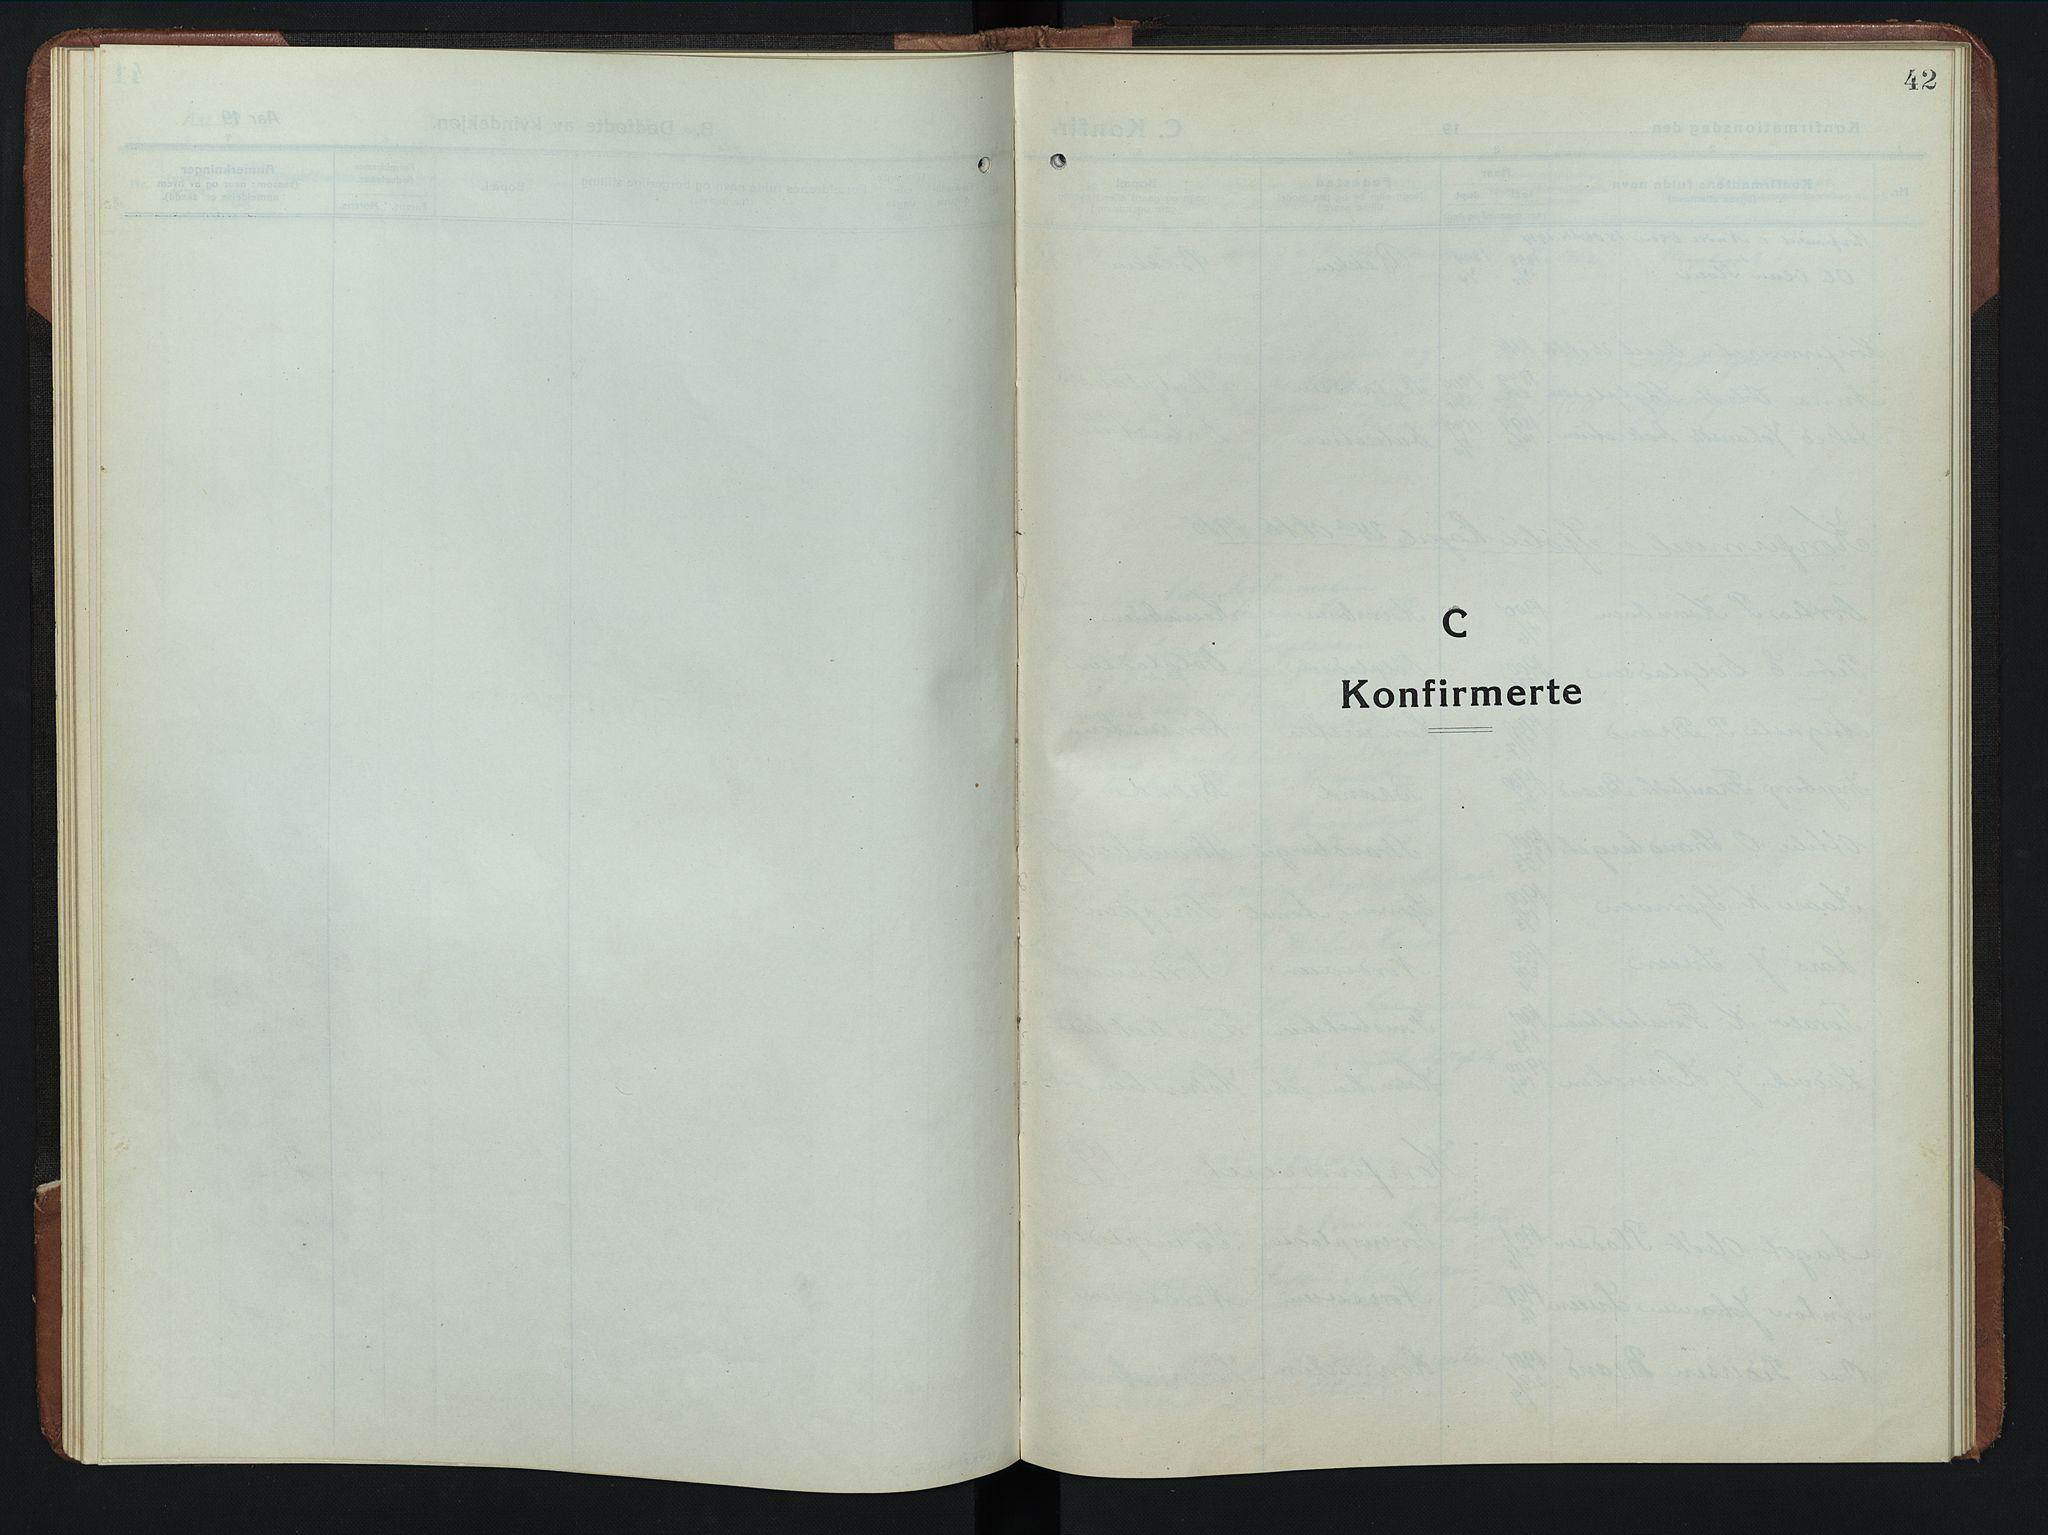 SAH, Rendalen prestekontor, H/Ha/Hab/L0008: Klokkerbok nr. 8, 1914-1948, s. 42